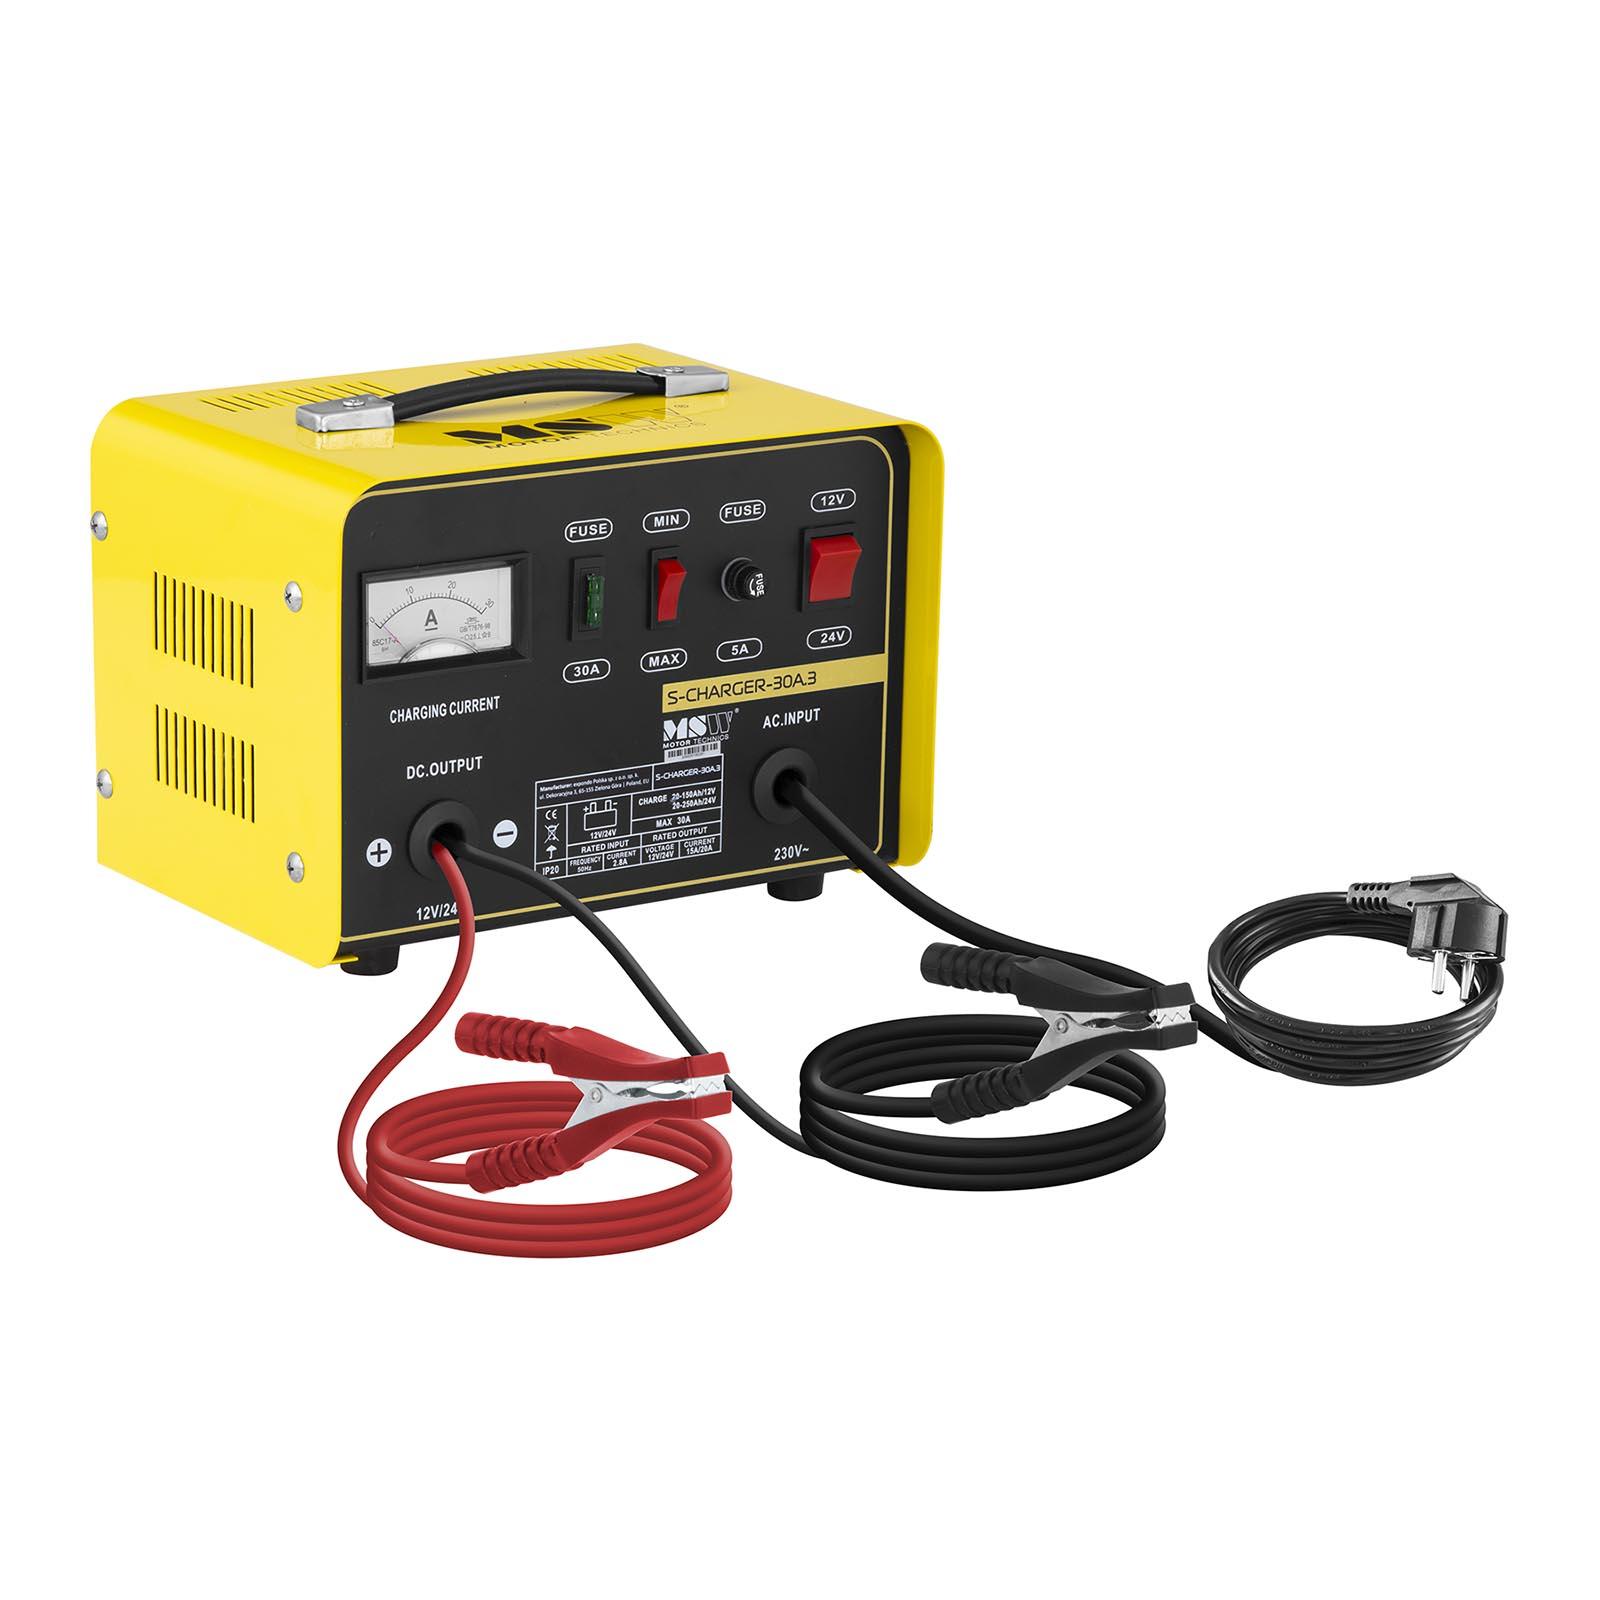 MSW Autobatterie-Ladegerät - 12/24 V - 15/20 A 10060140